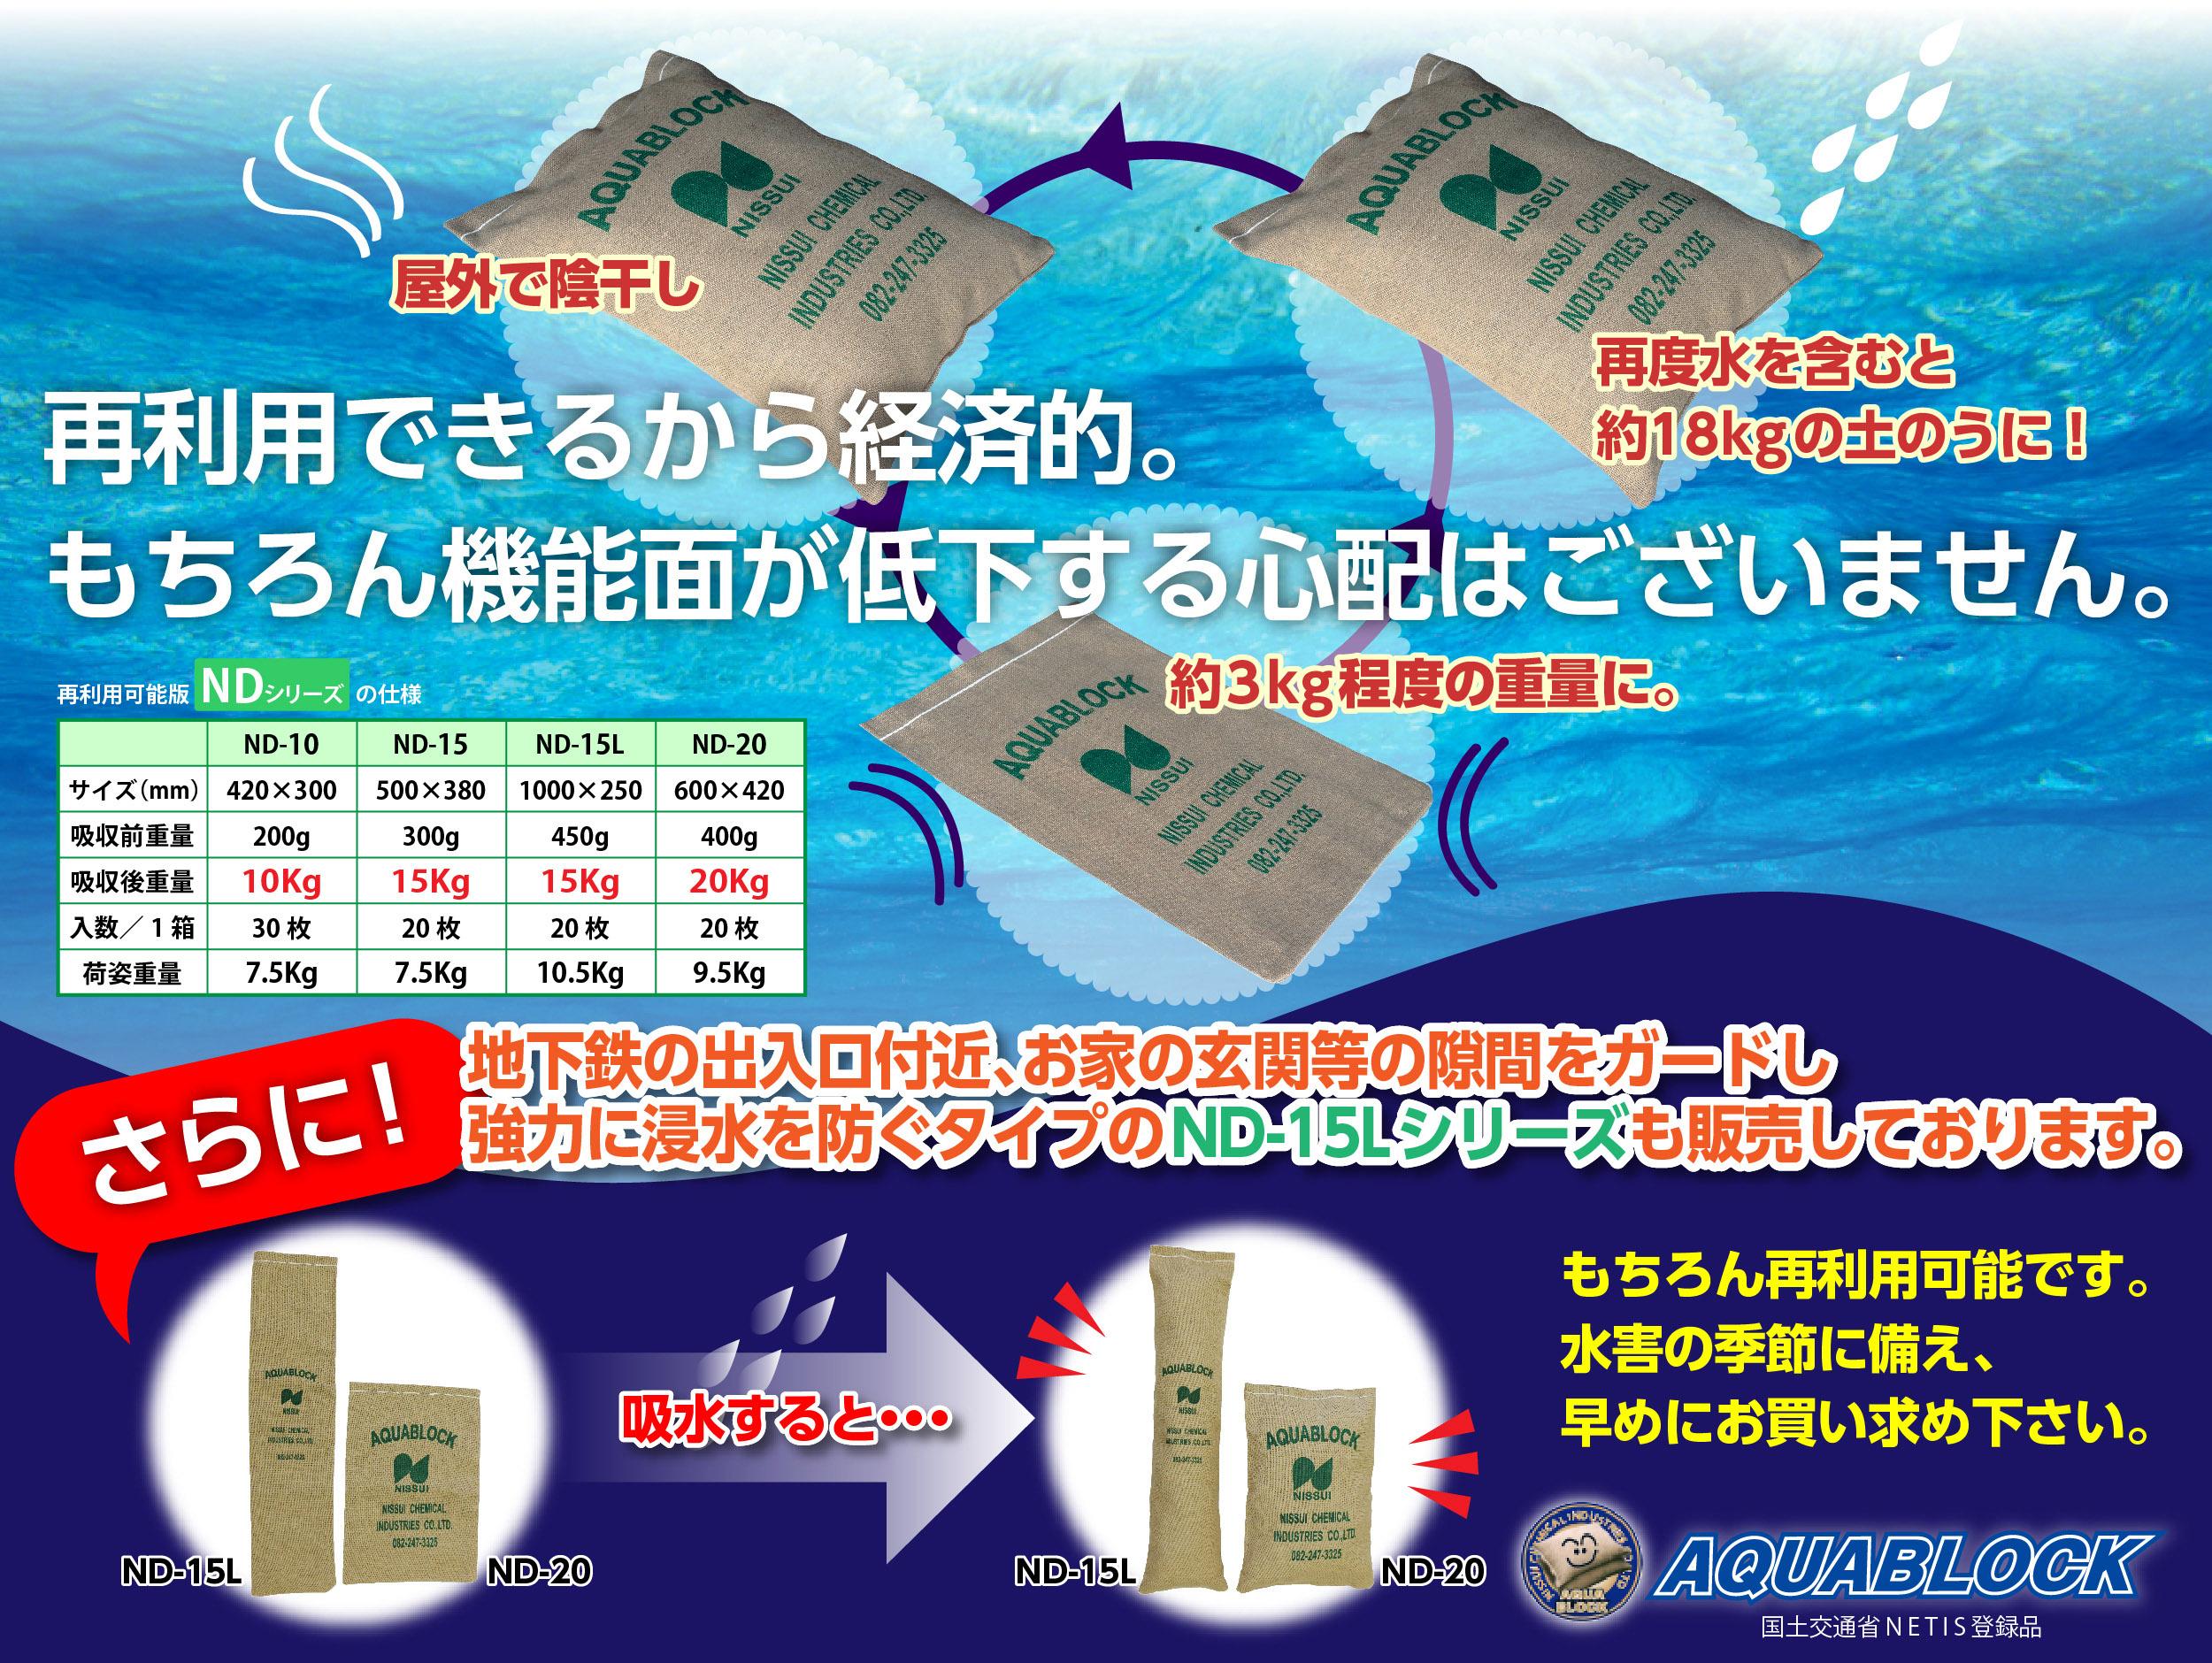 再利用できる吸水性土嚢(土のう)アクアブロック